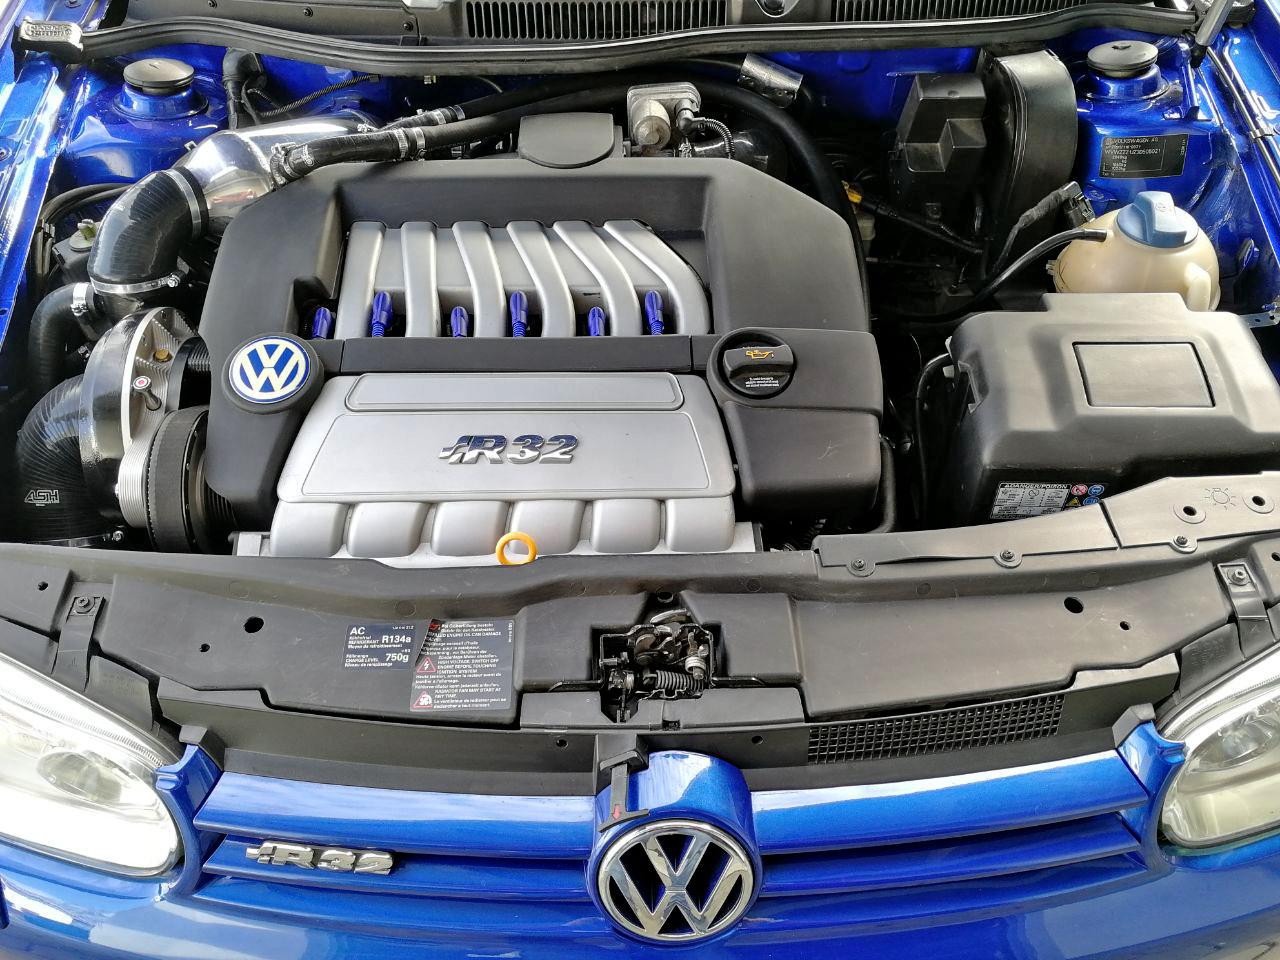 mk5 r32 hpa intake manifold